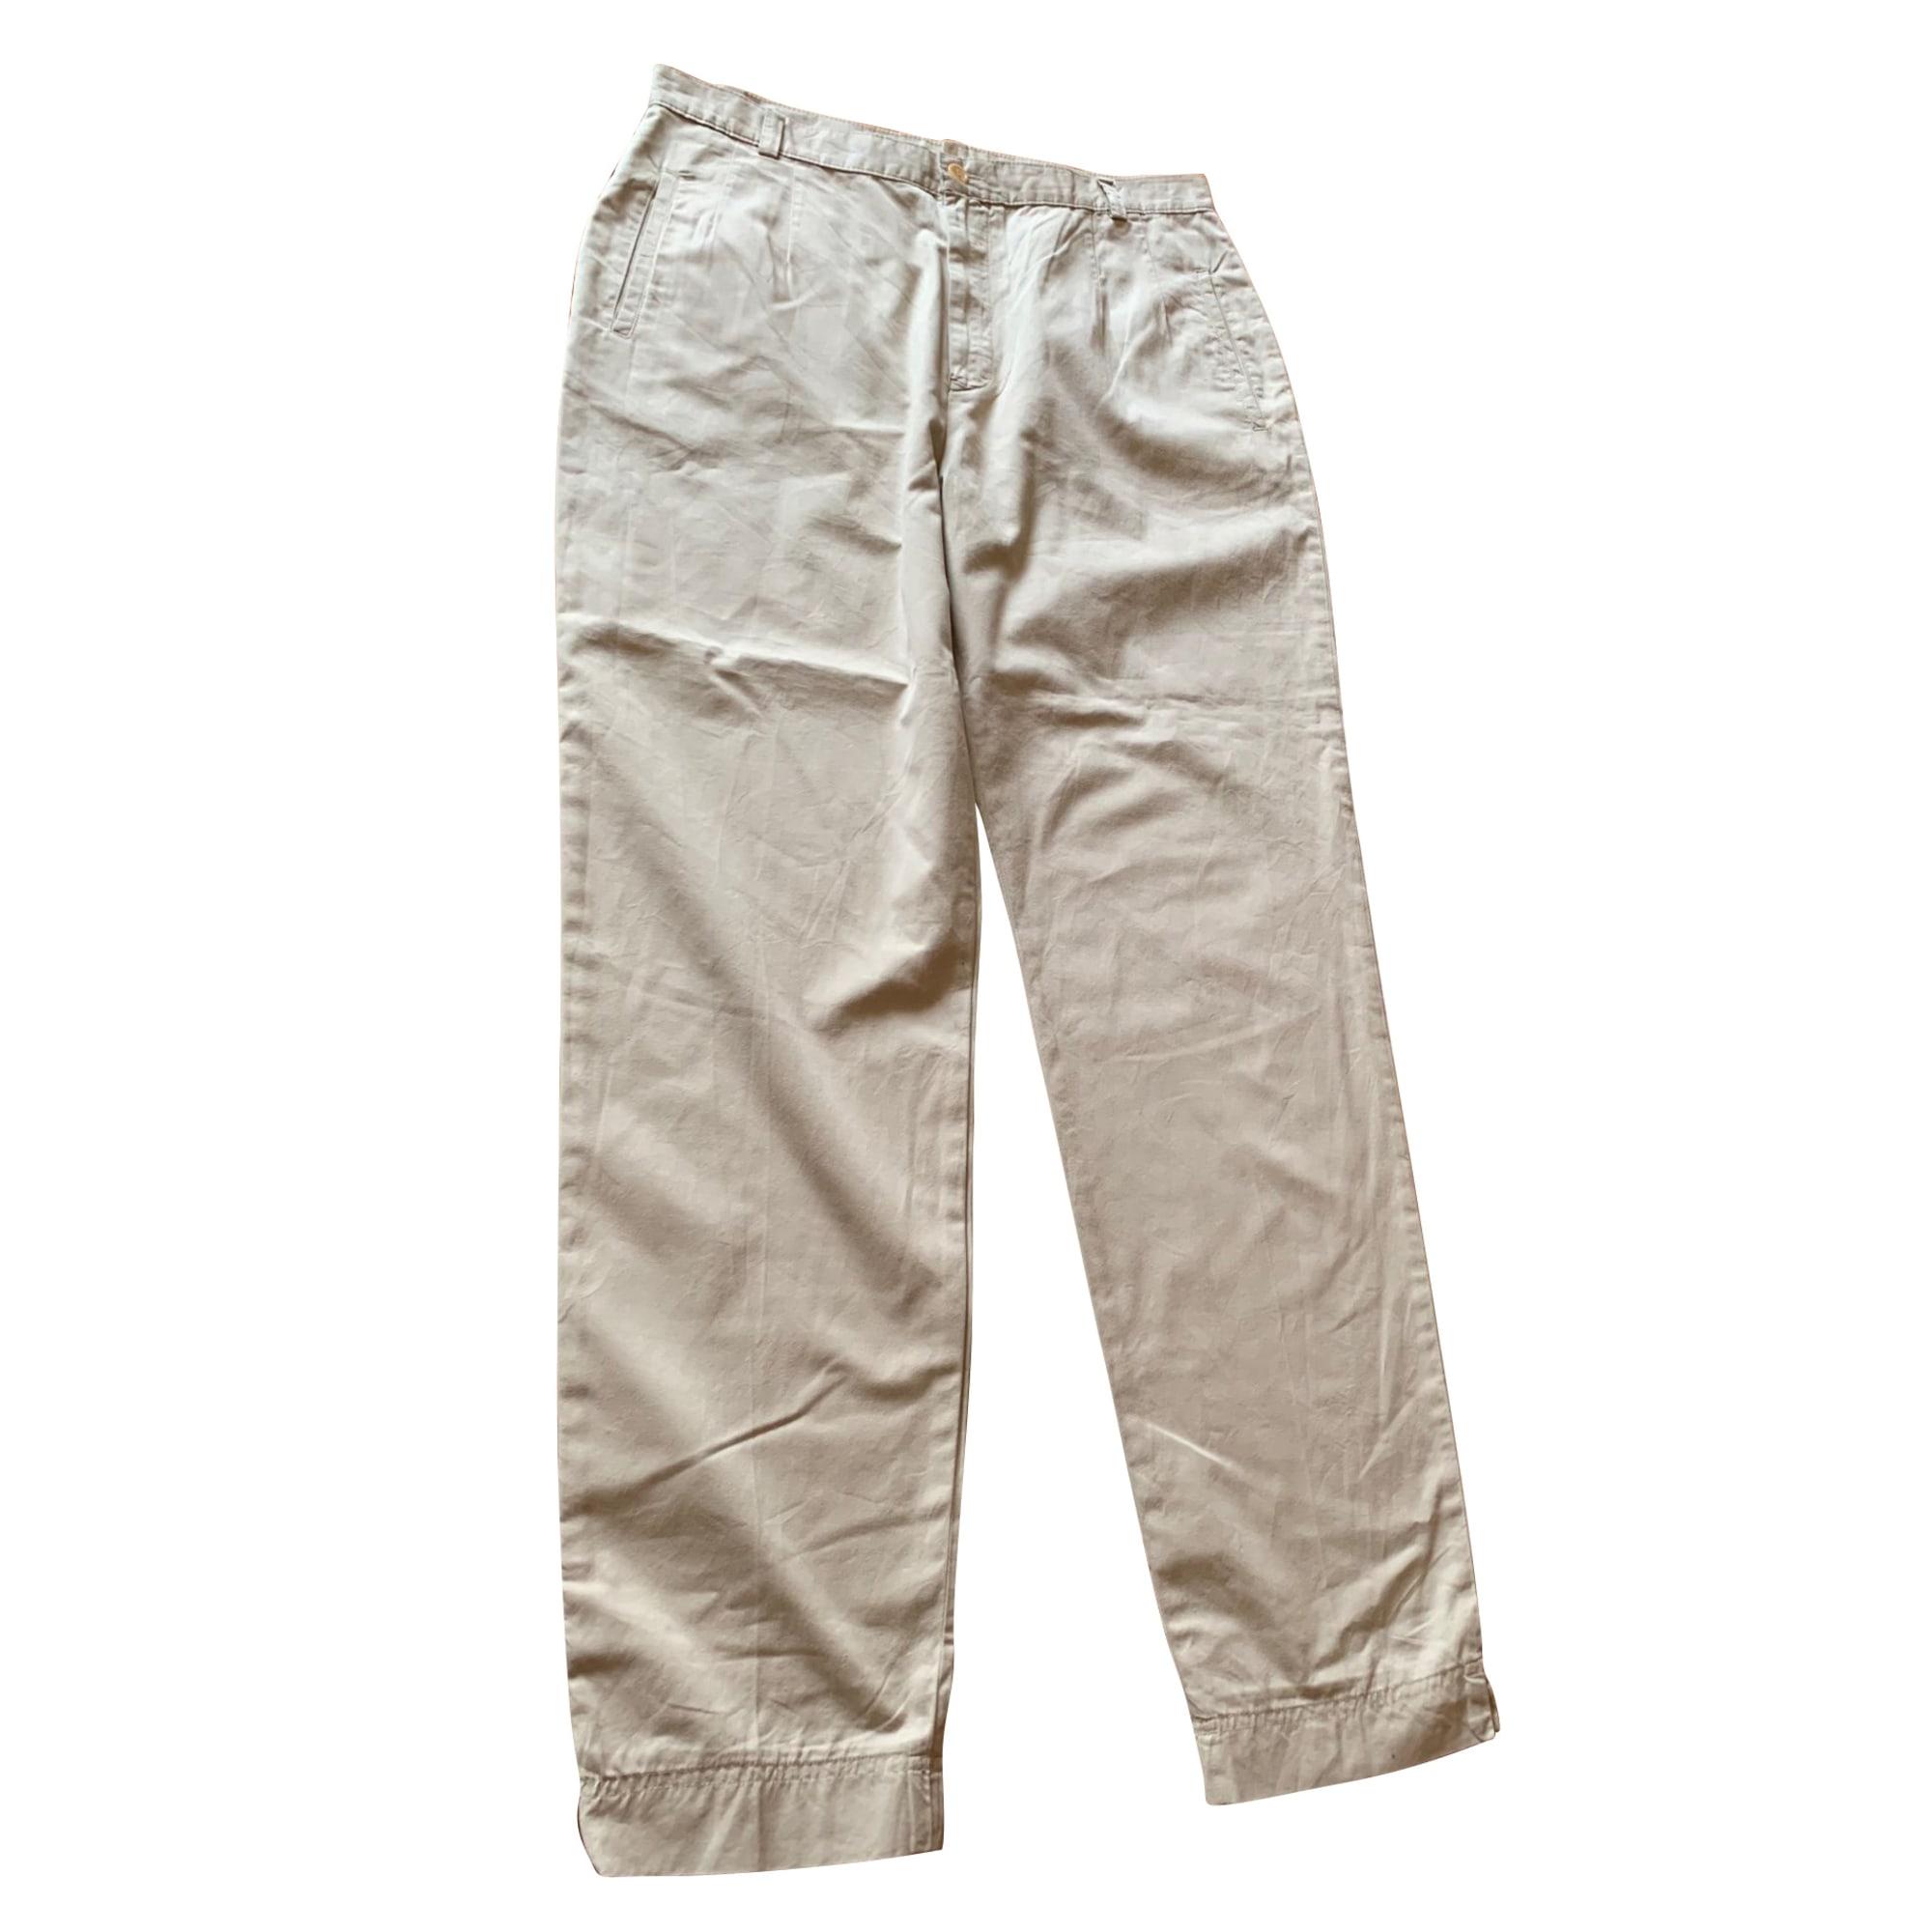 Pantalon droit ARMAND VENTILO Beige, camel